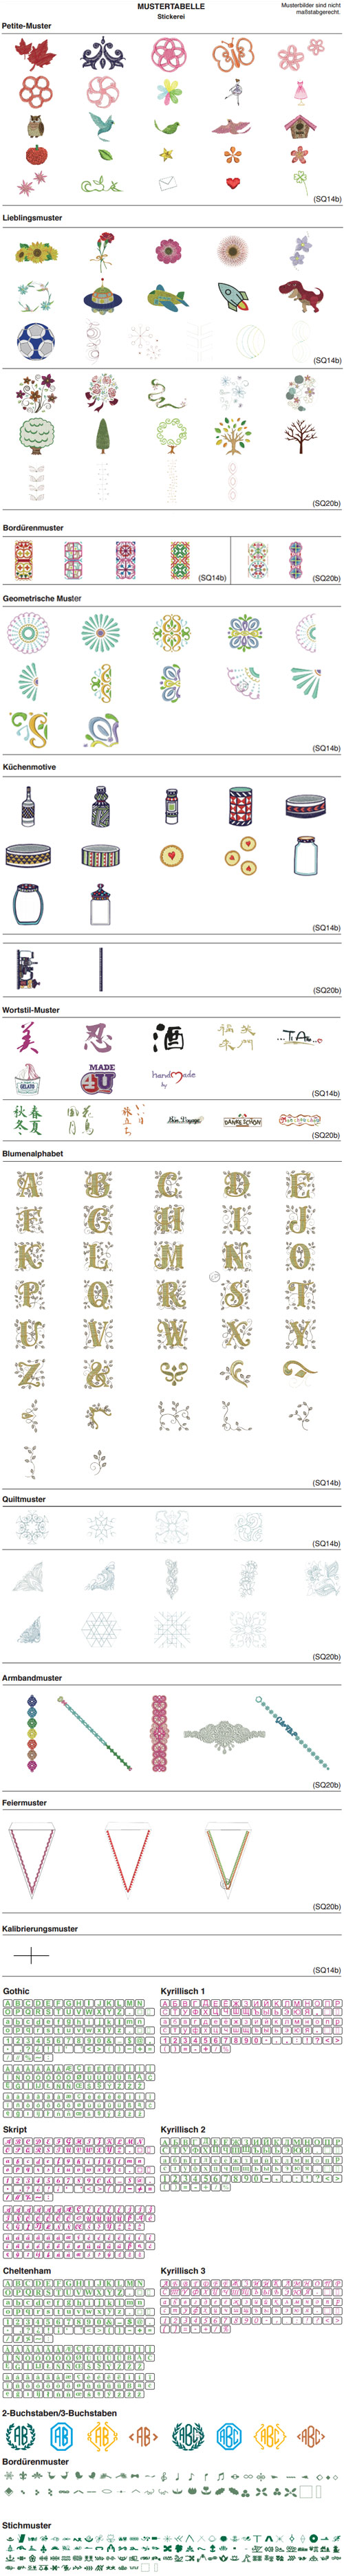 Janome Memory Craft 500 E Stiche